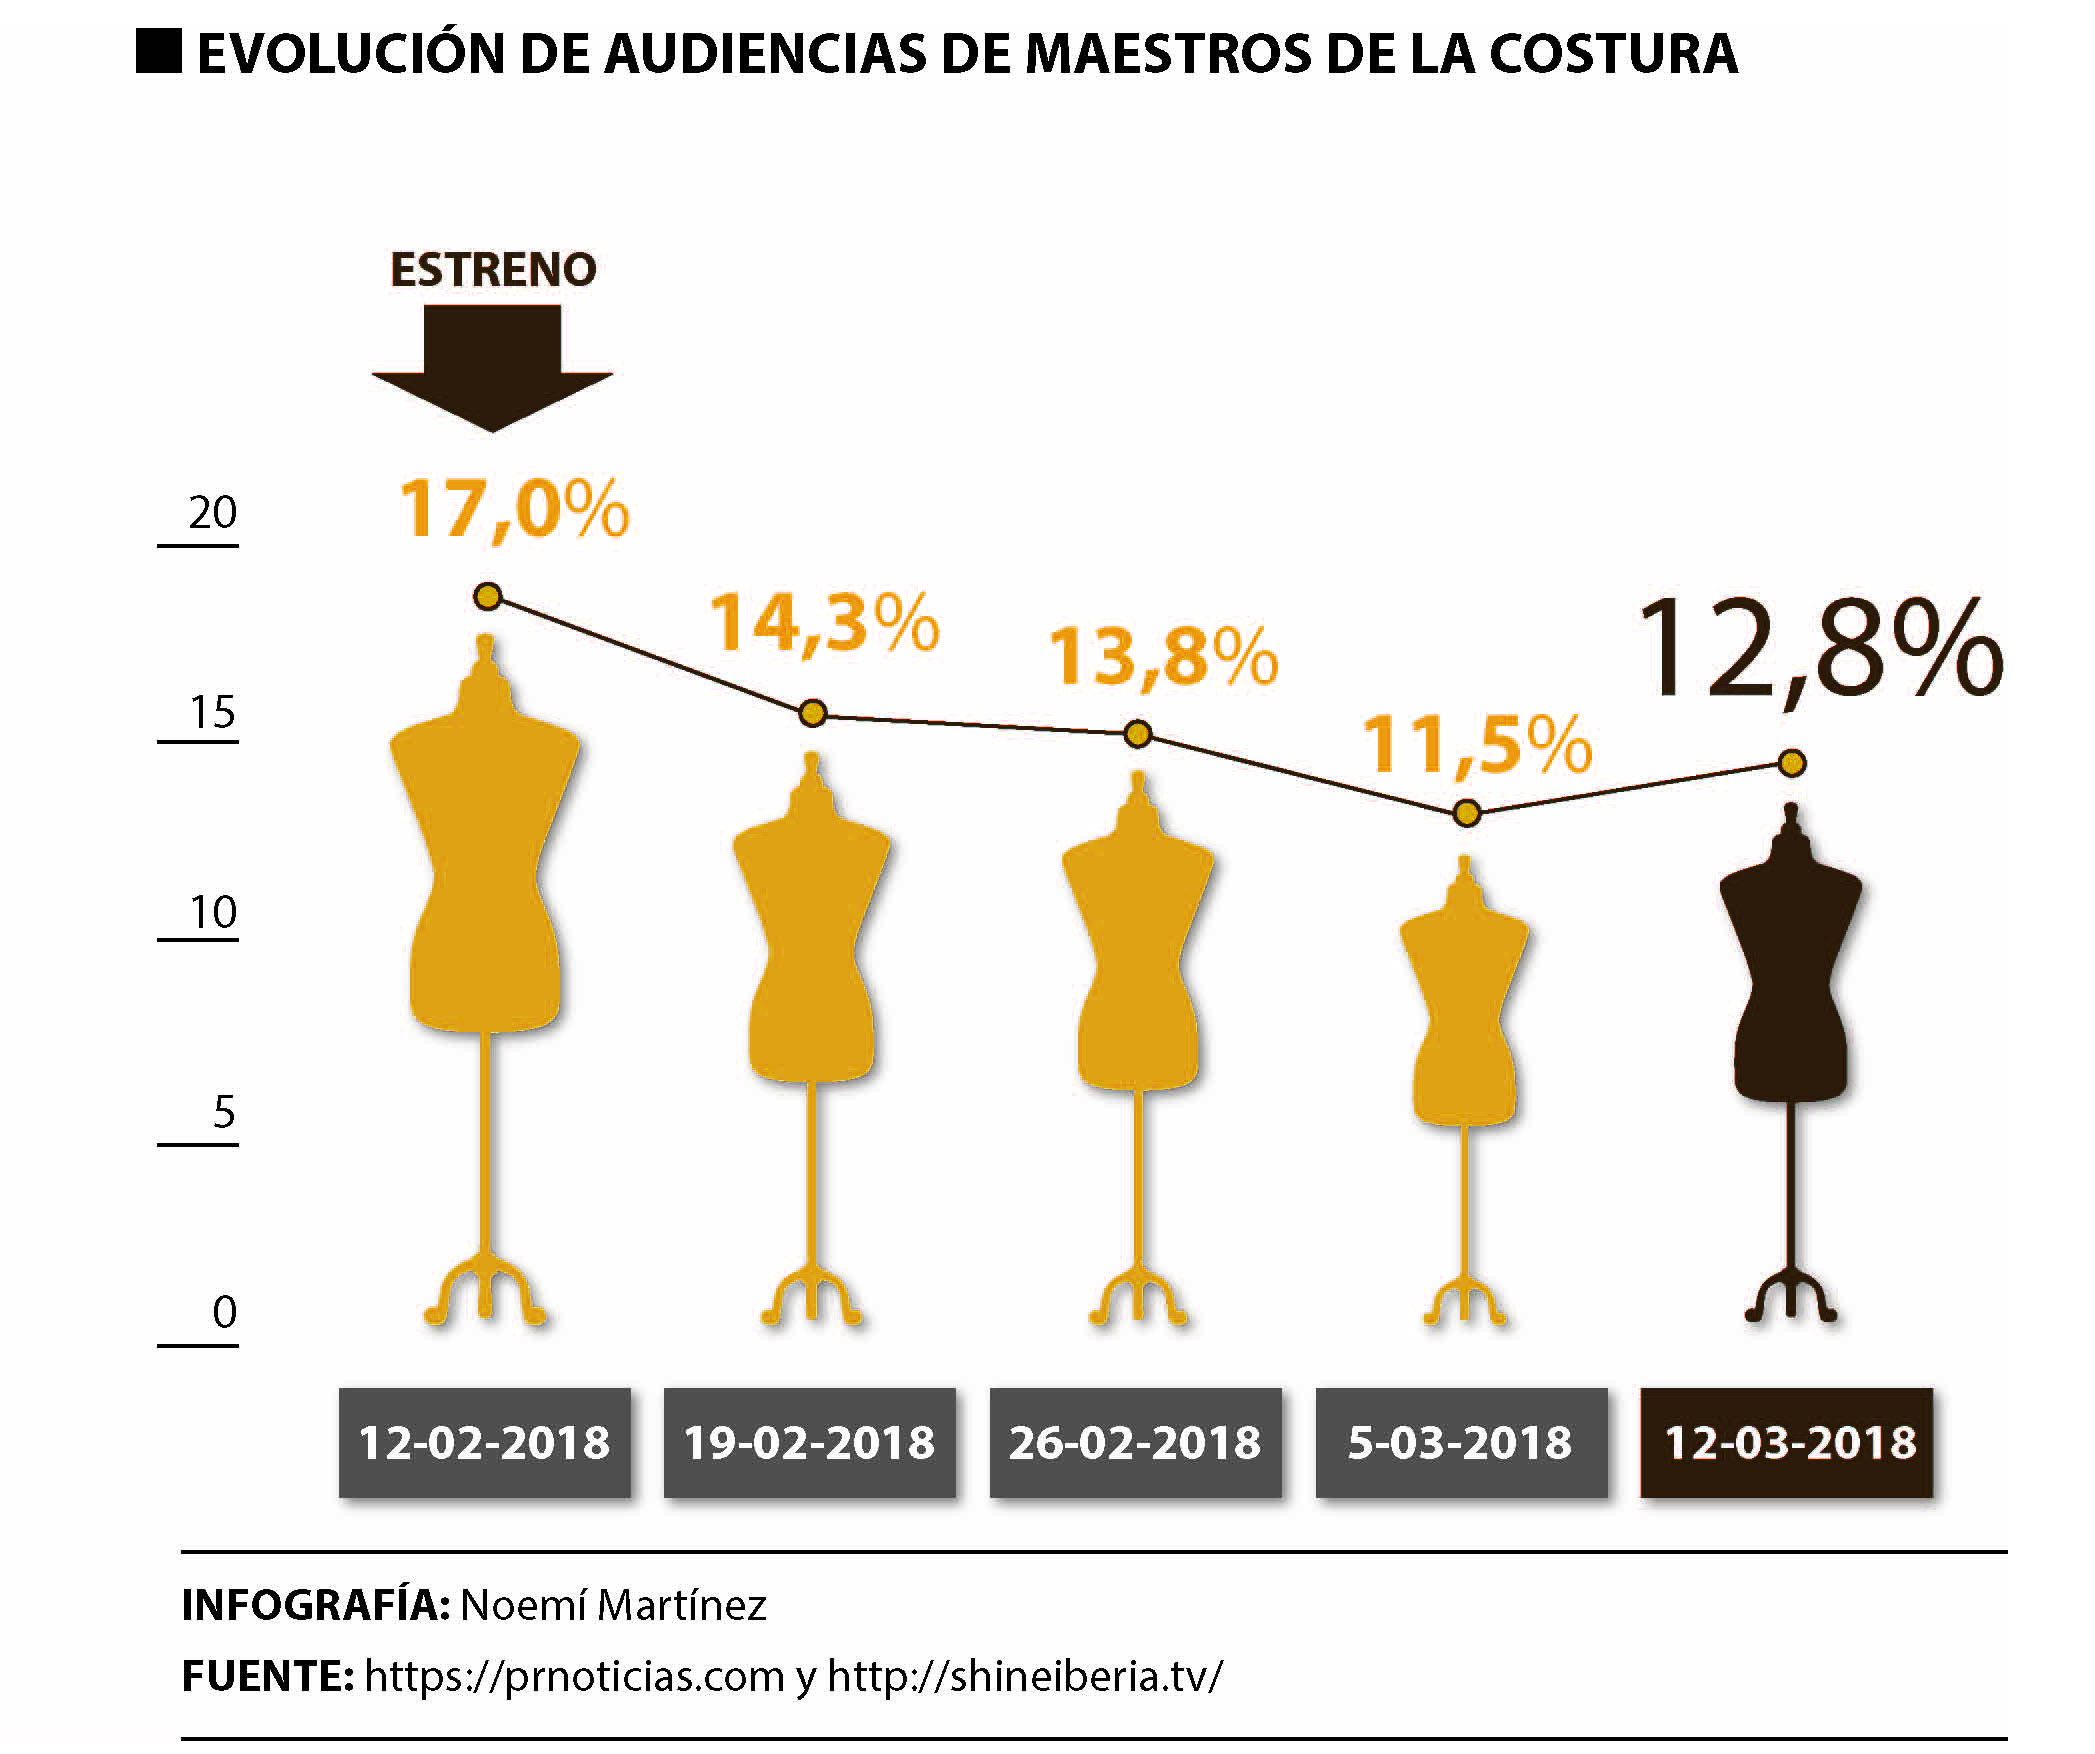 Maestros de la Costura, de RTVE, recupera audiencia en su quinto programa